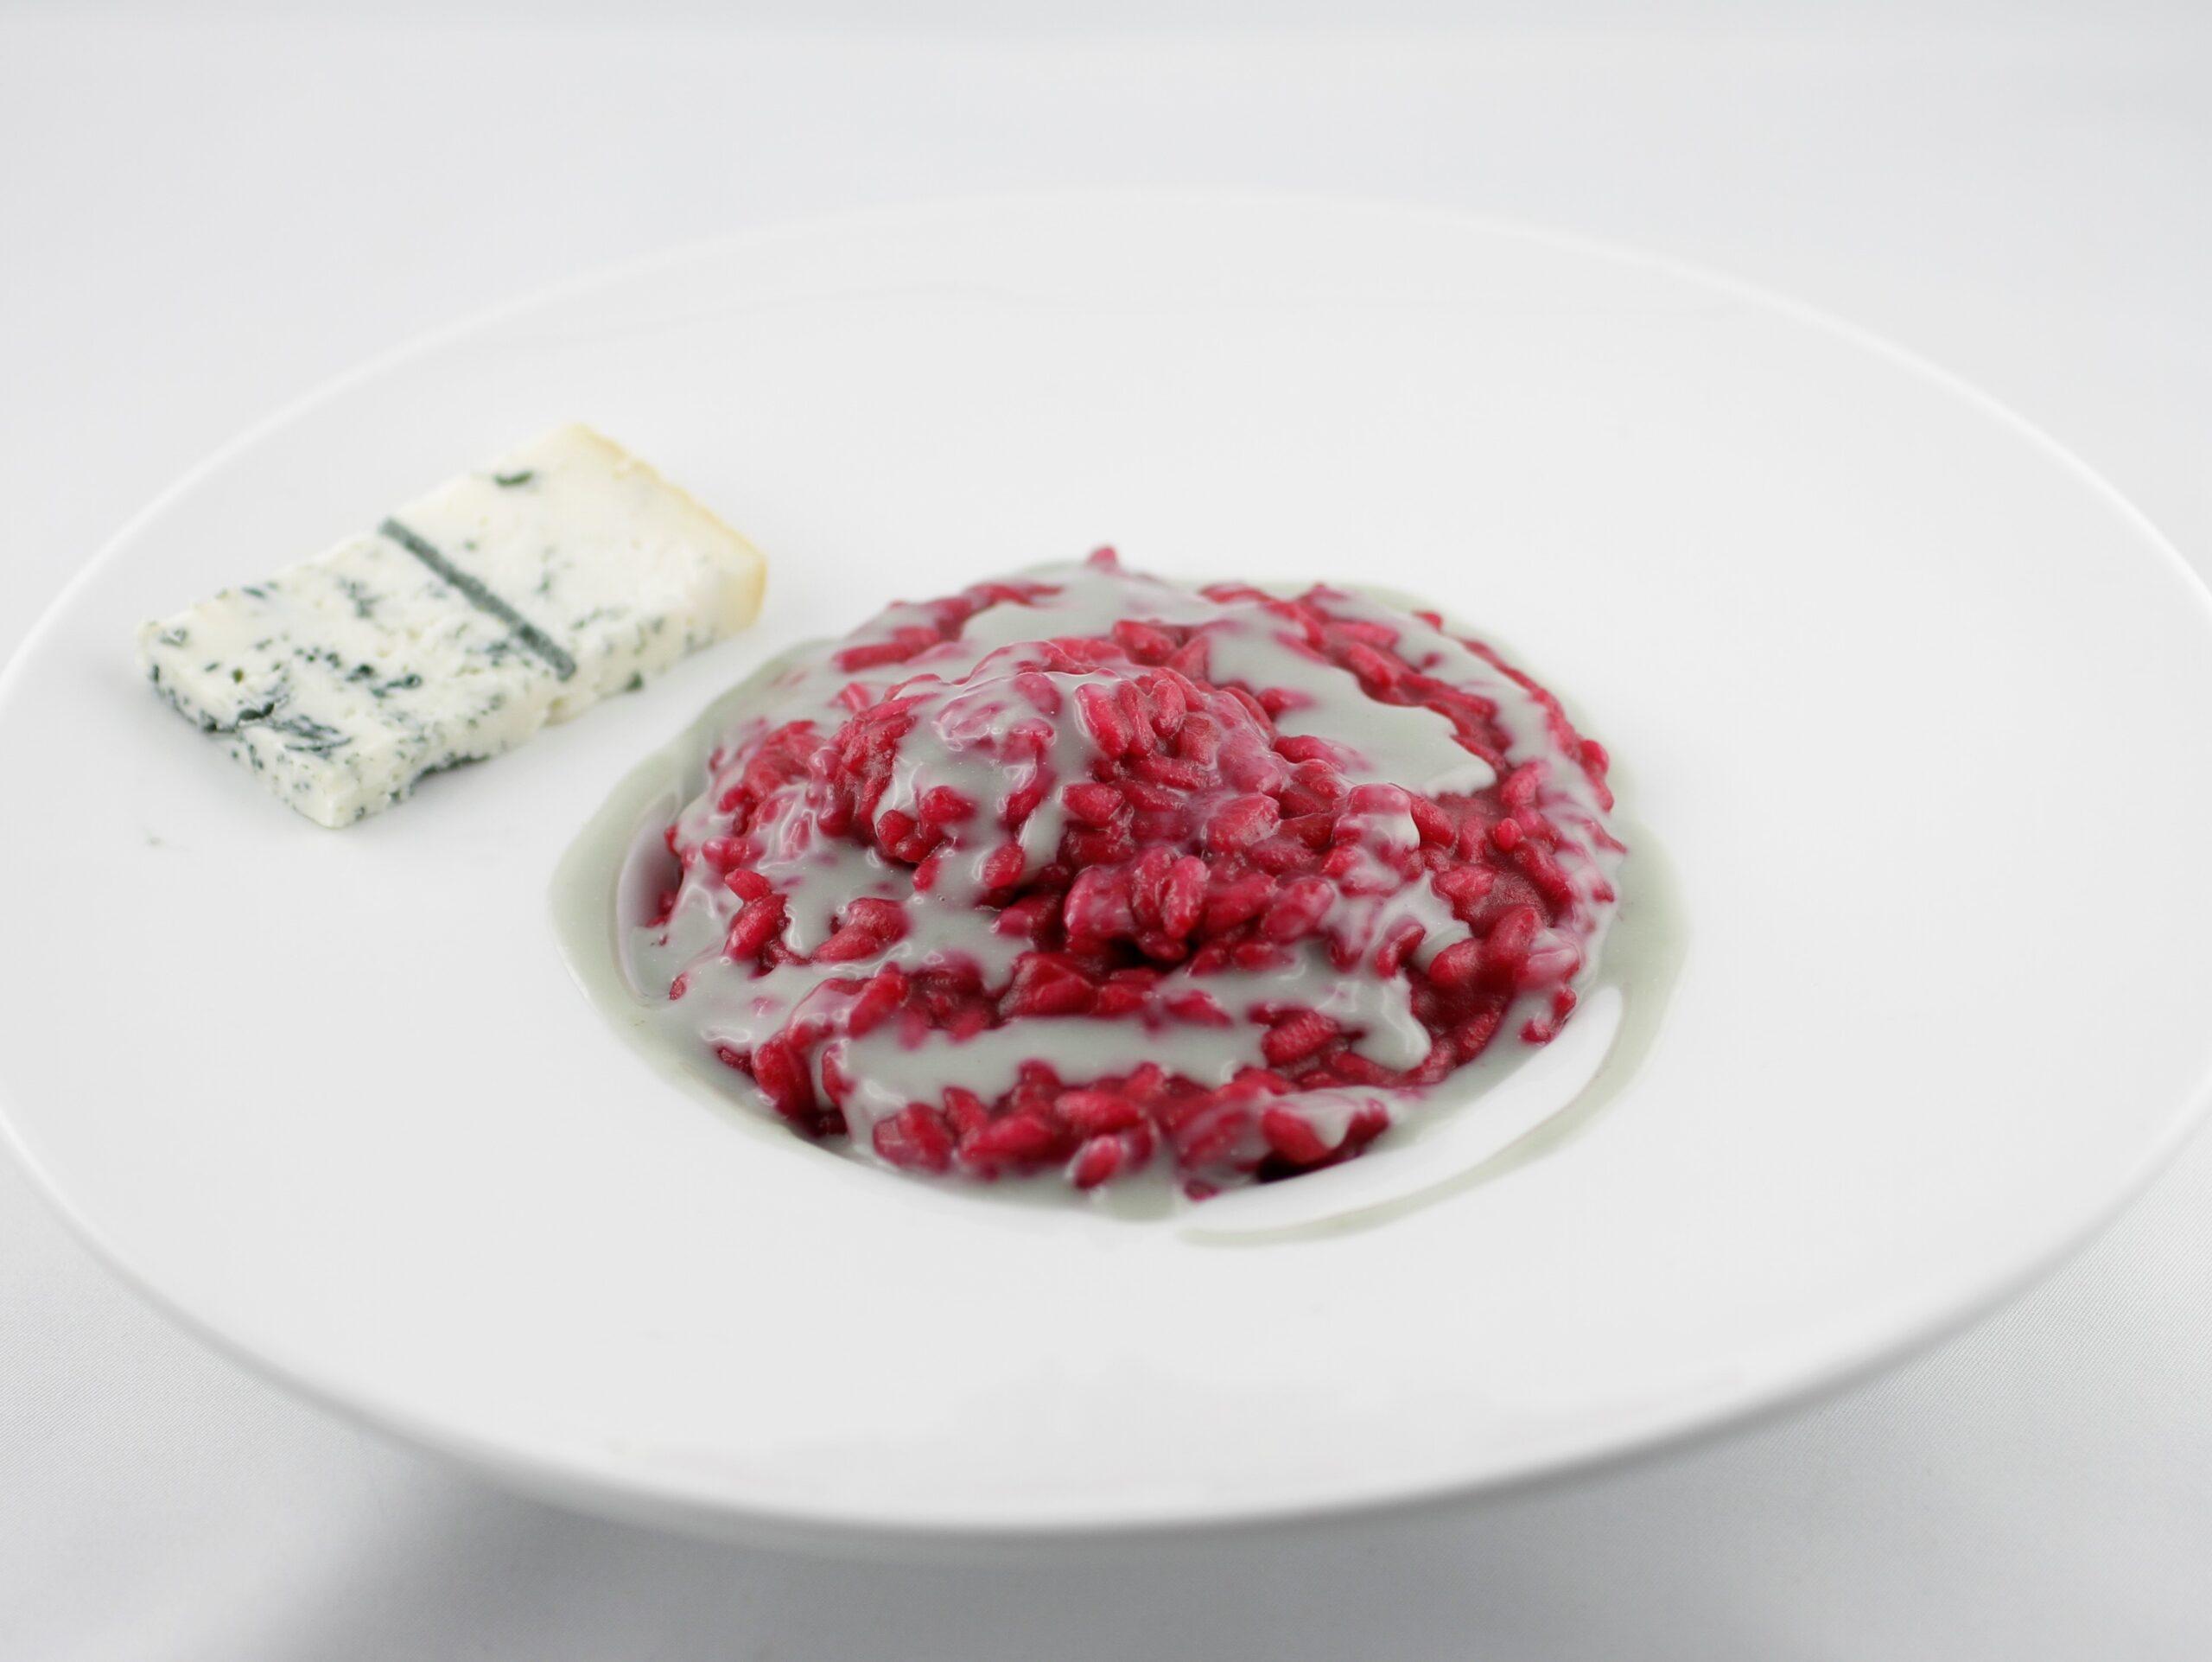 risotto alla barbabietola e crema al gorgonzola